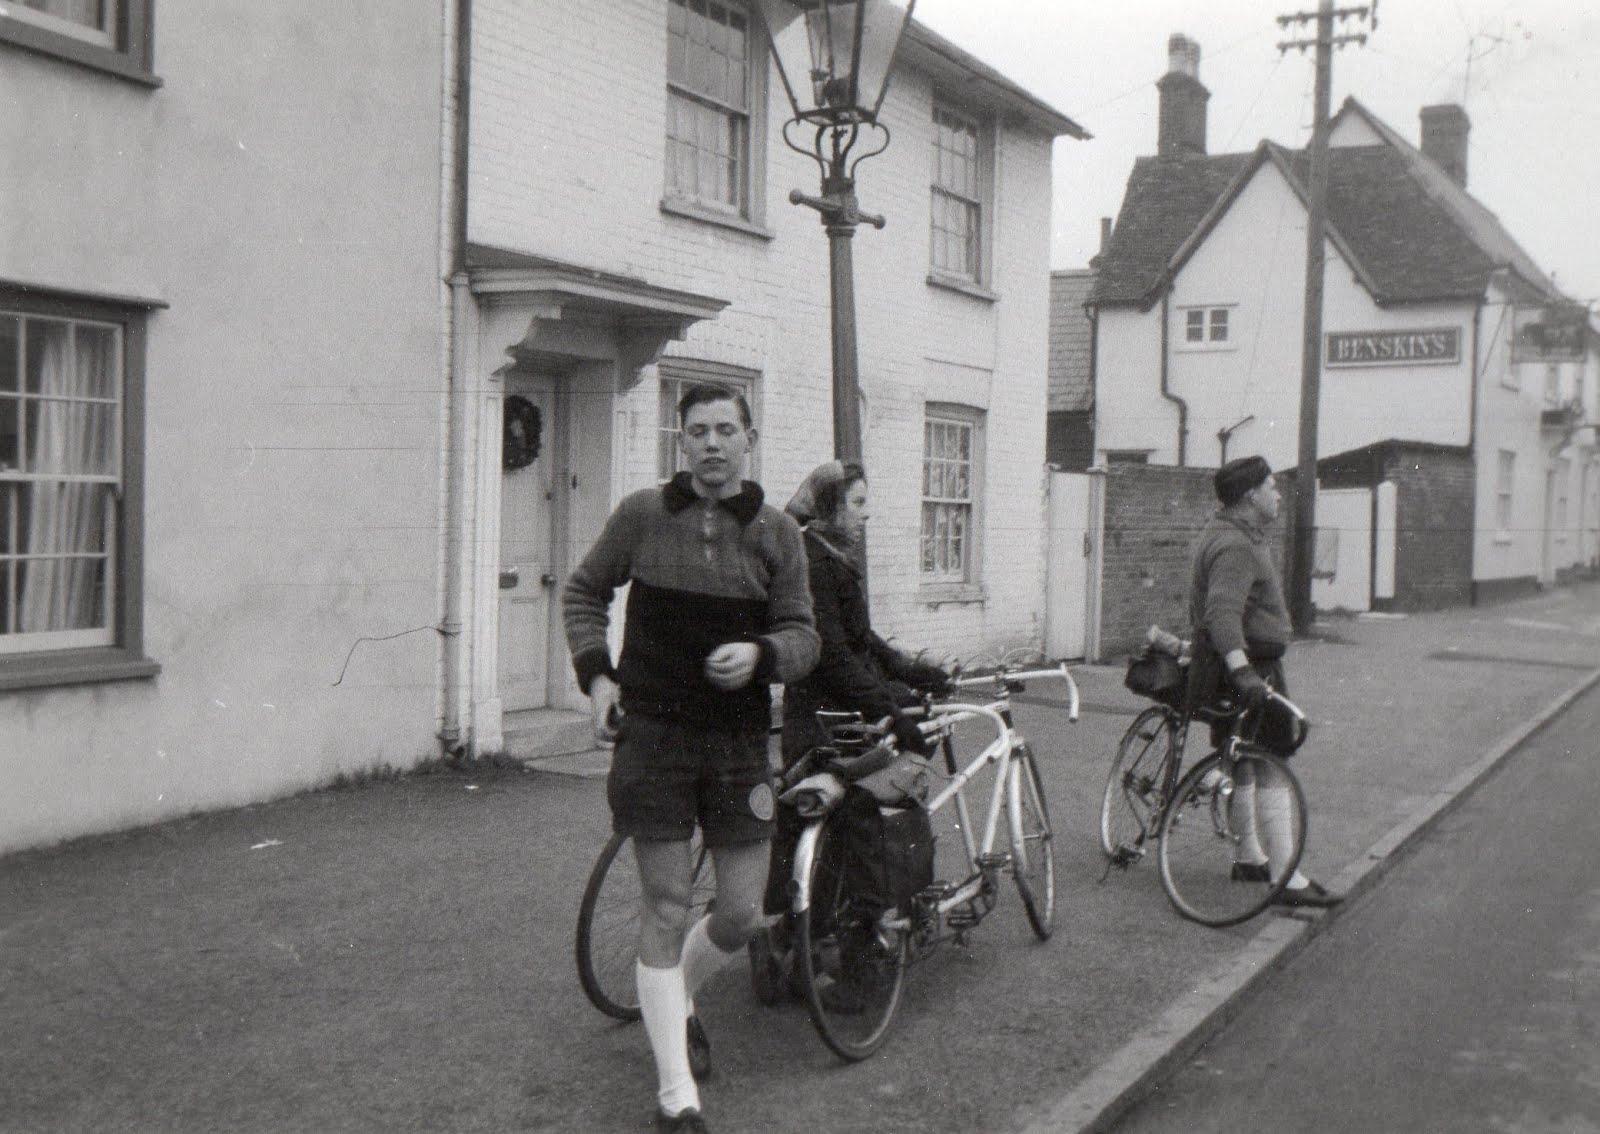 Christmas morning 1957